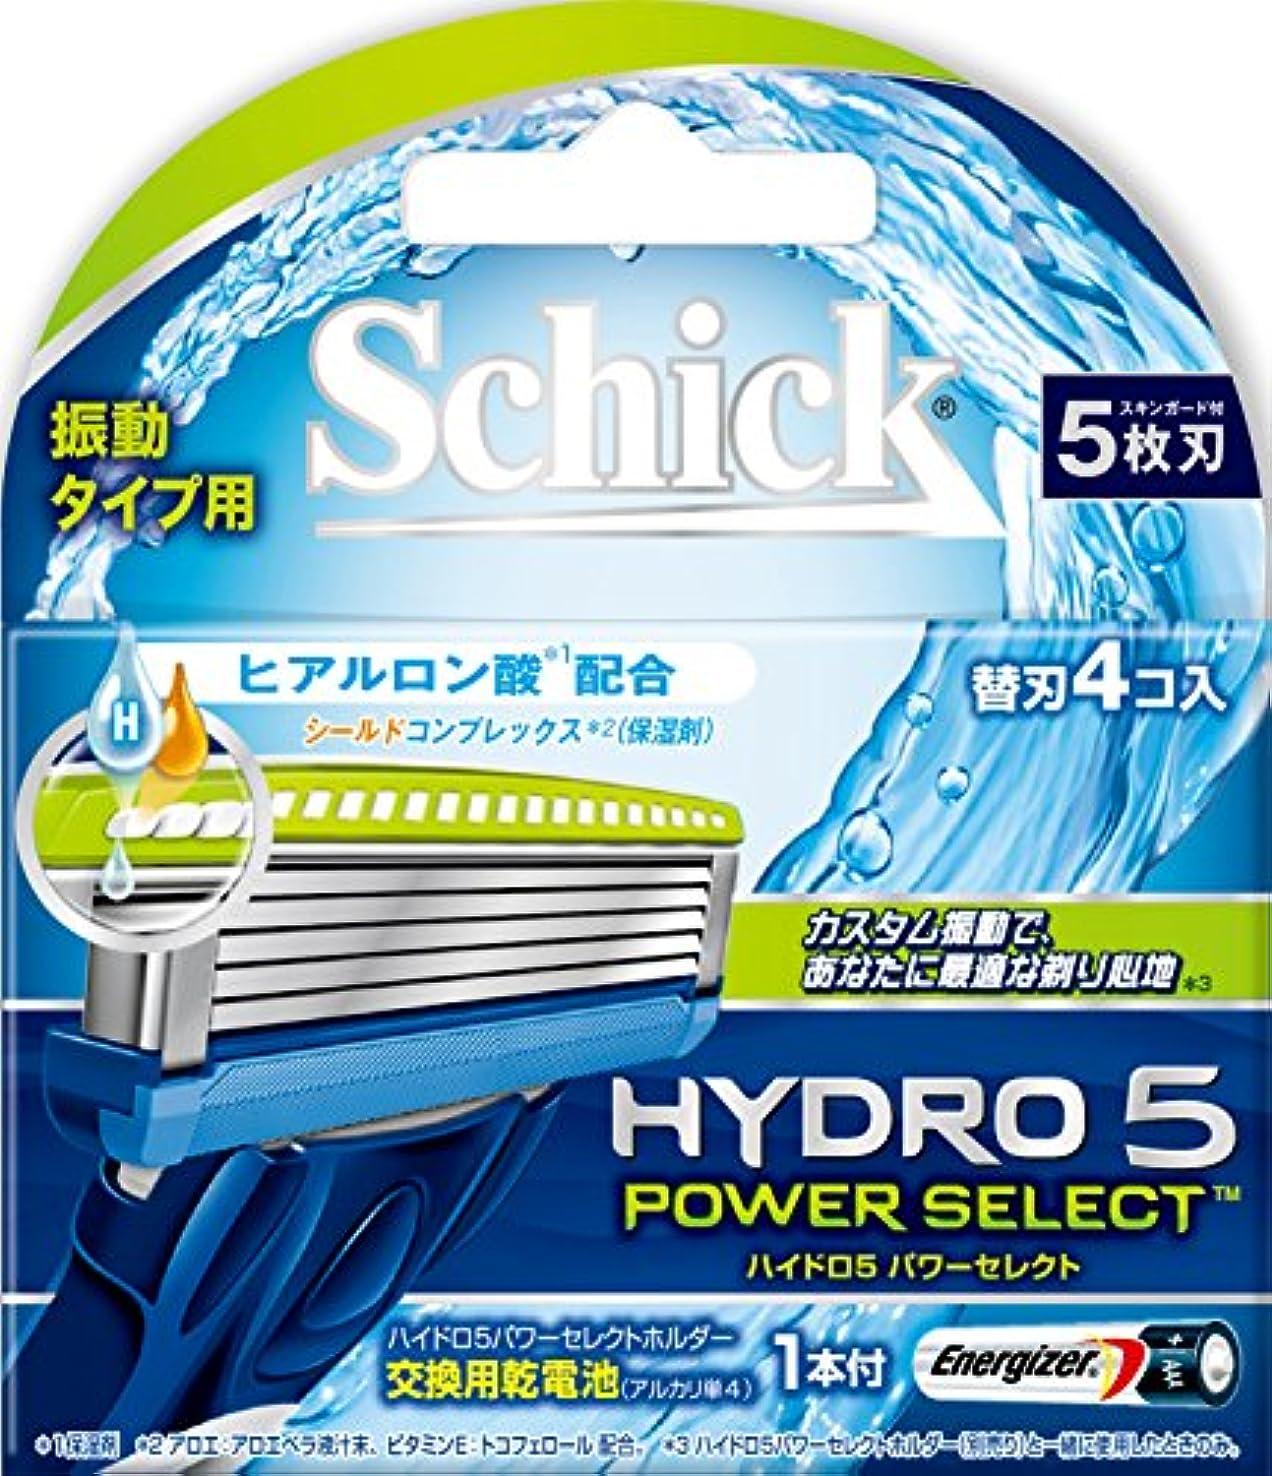 嘆くフリース助言するシック Schick 5枚刃 ハイドロ5 パワーセレクト替刃 4コ入